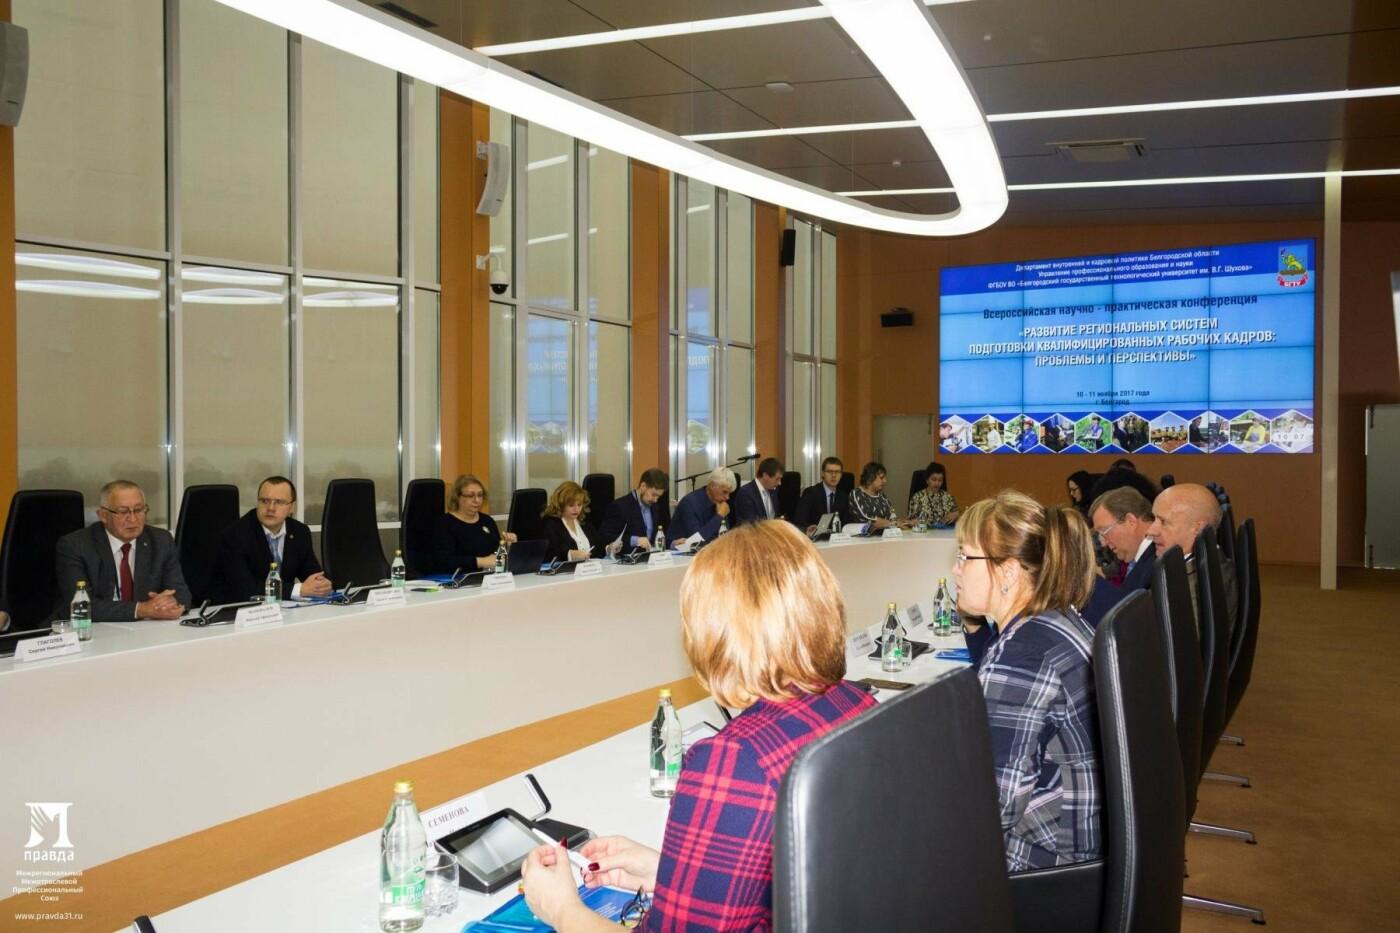 Профсоюз «Правда» принял участие во Всероссийской научно-практической конференции, фото-6